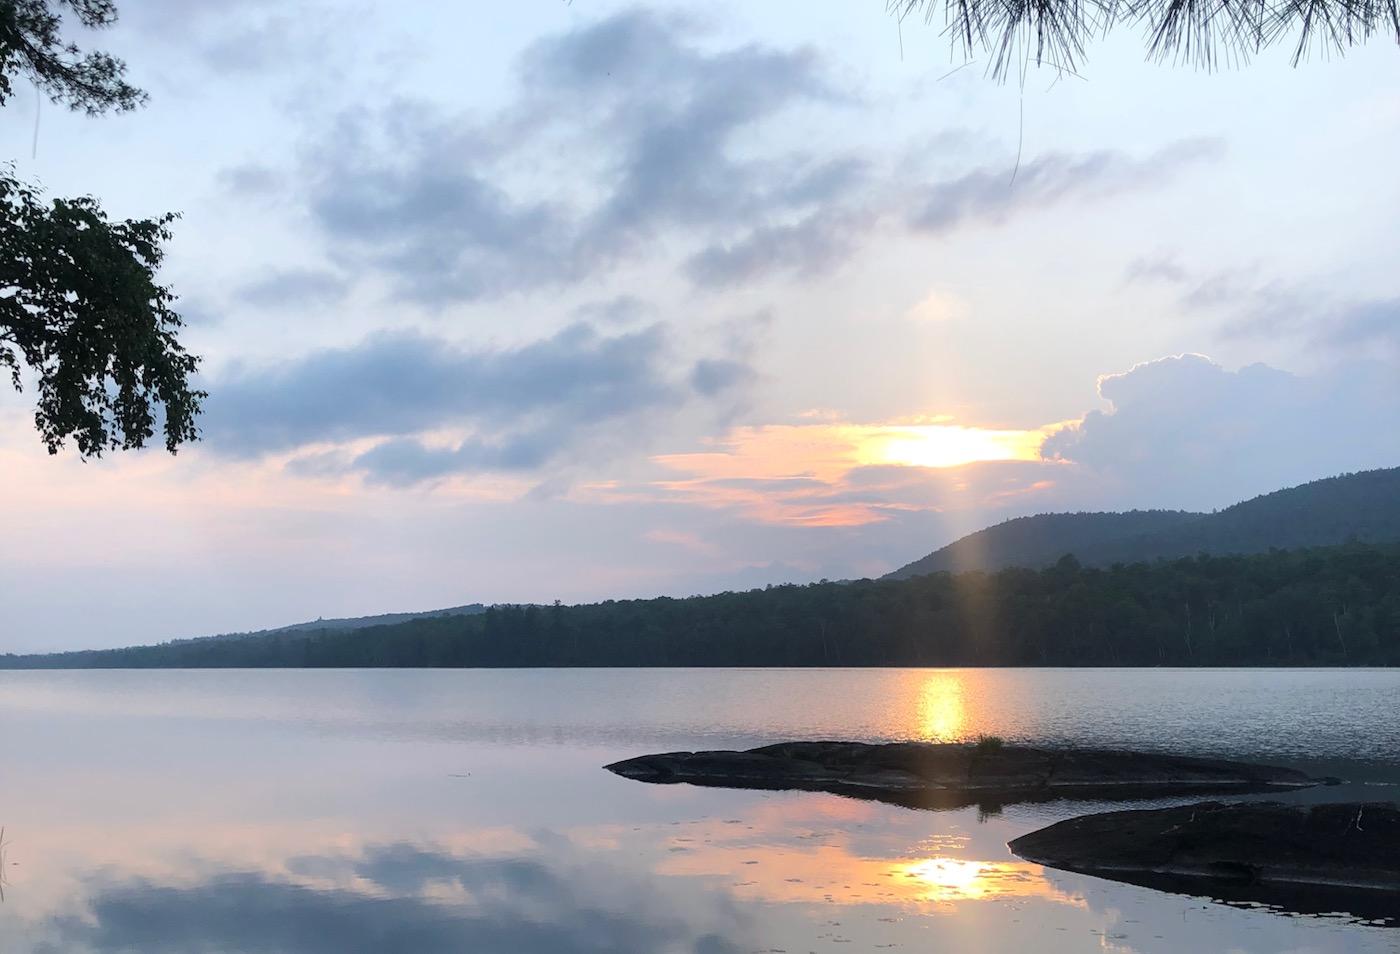 sunset on Thirteenth Lake